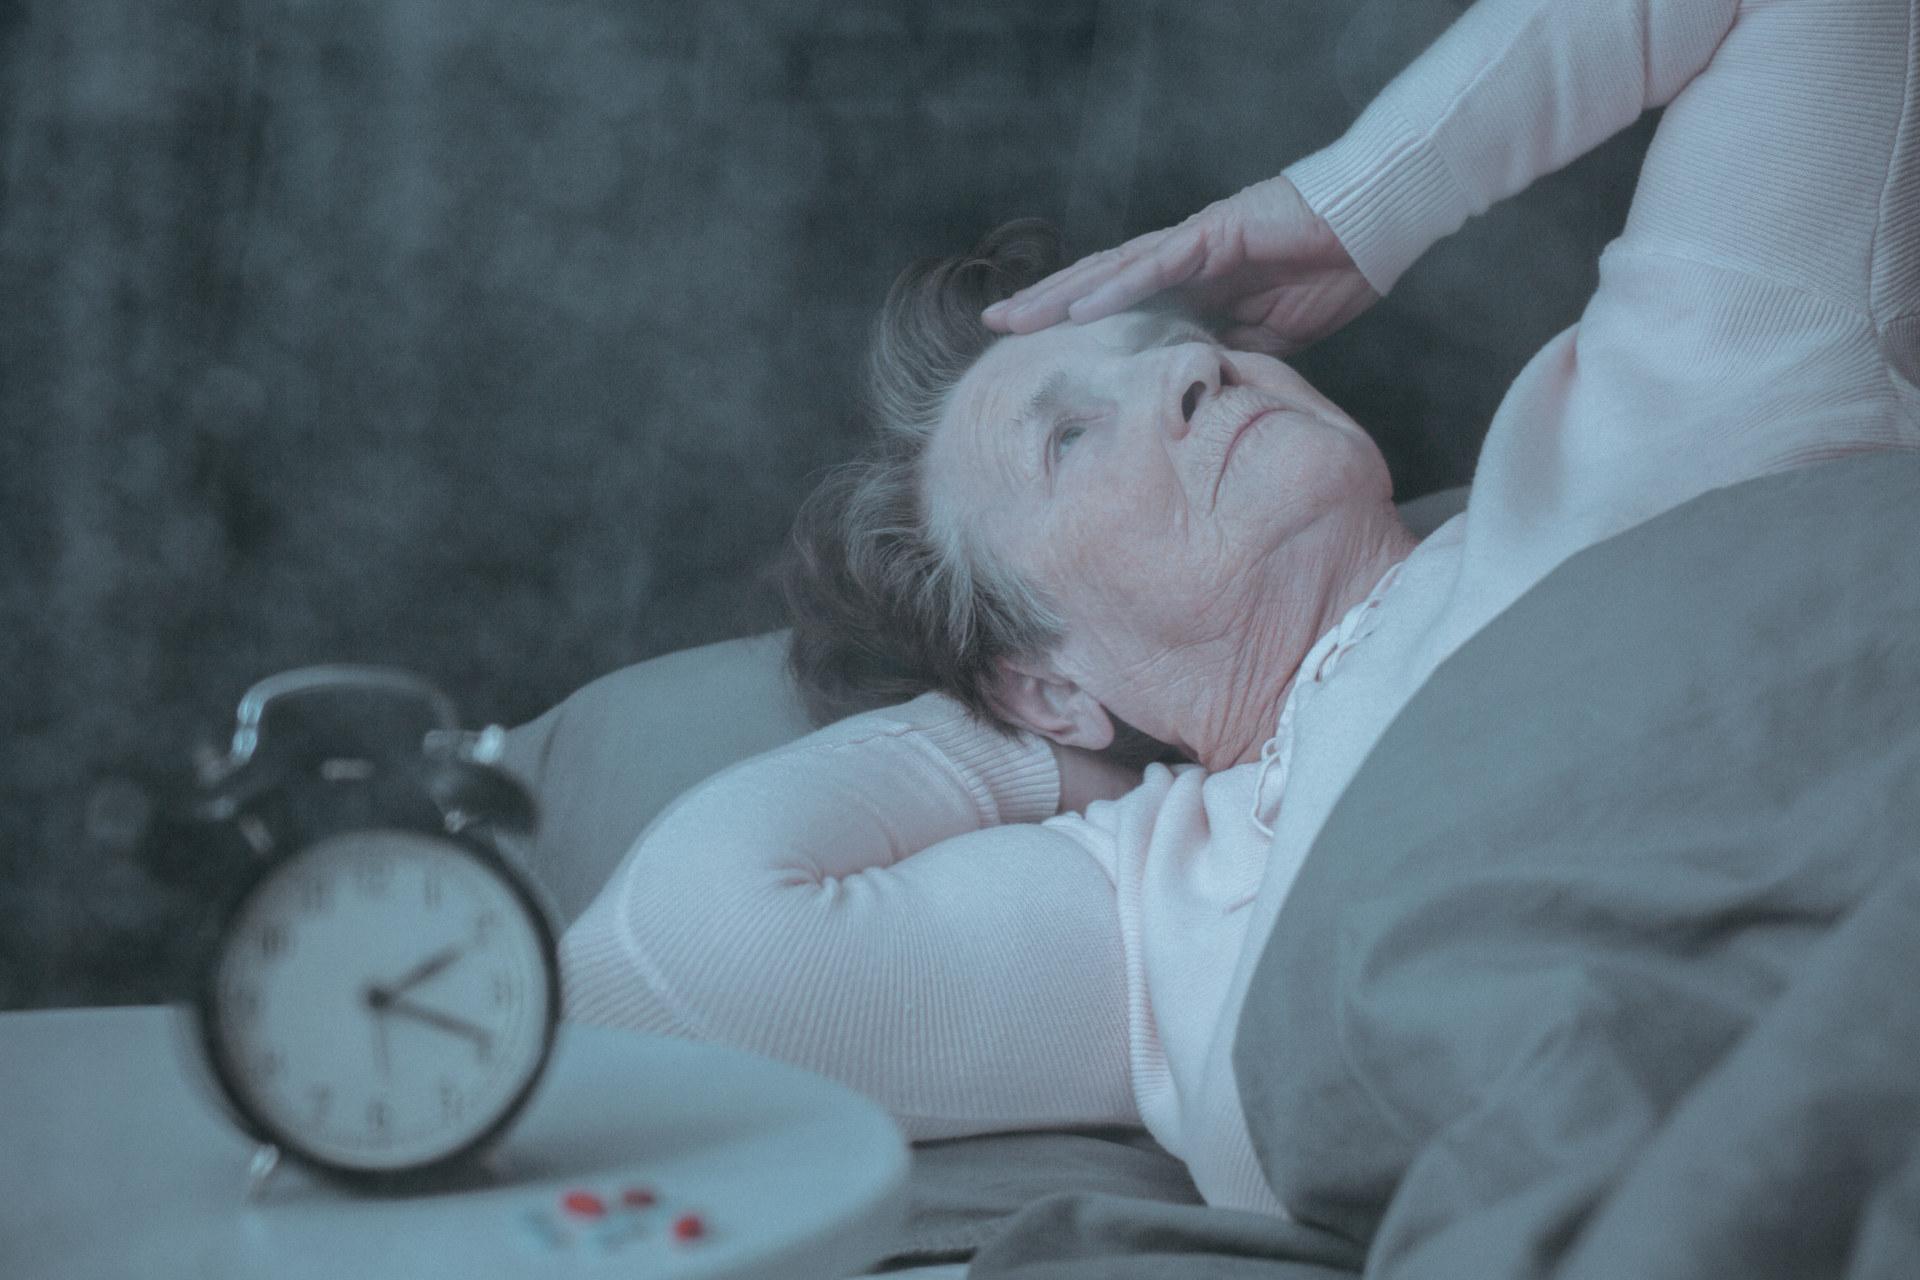 W lewej części grafiki widać starszą kobietę leżącą w łóżku, dotyka ręką głowy. Z lewej strony widać budzik.